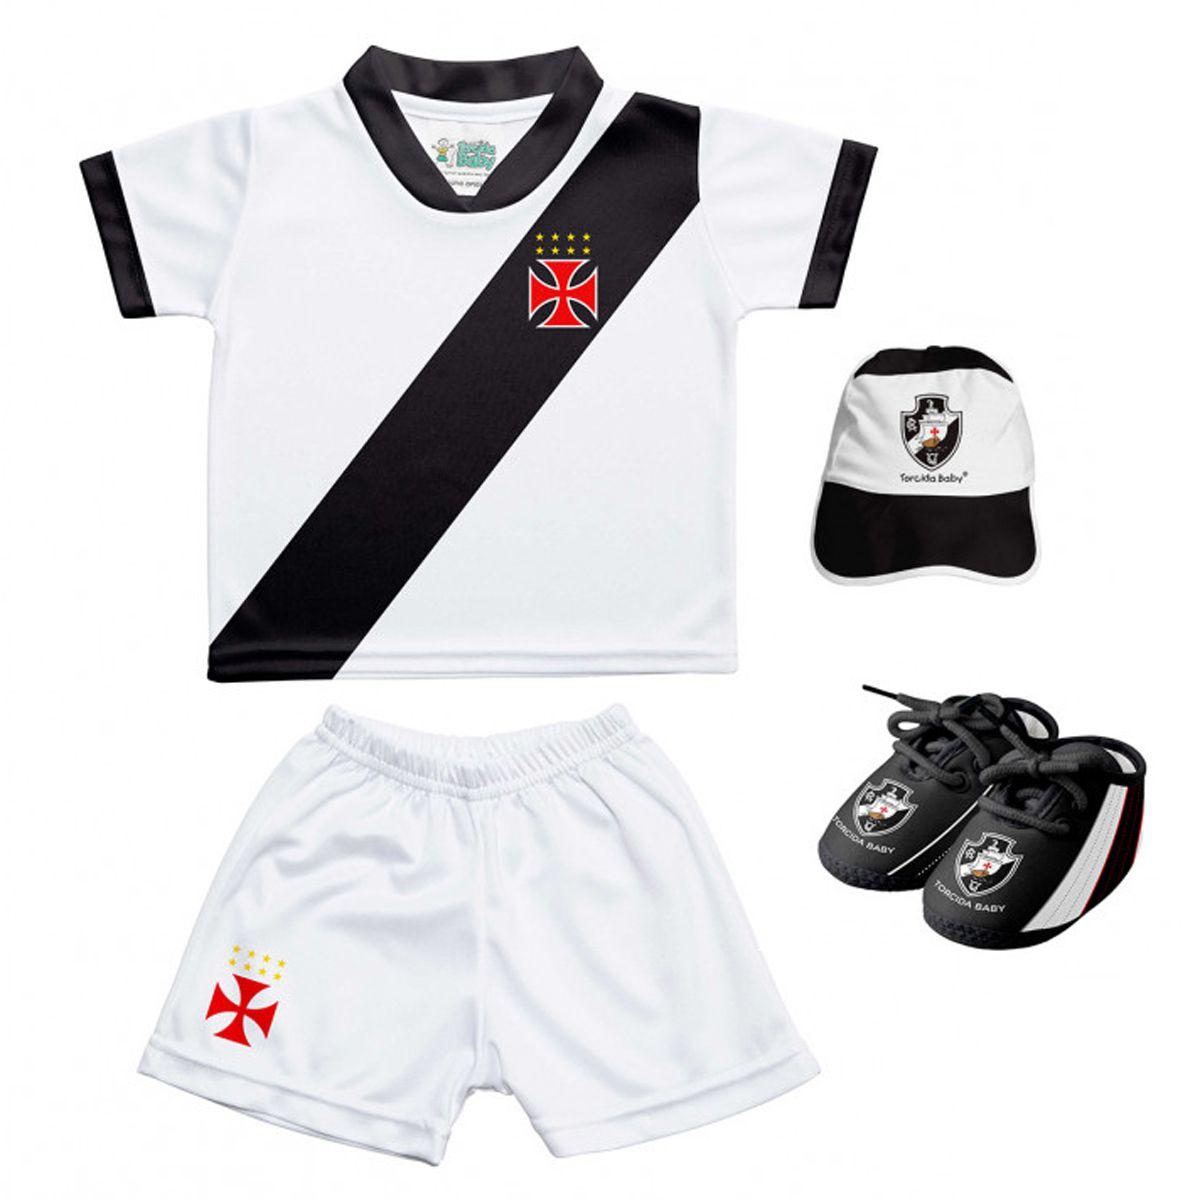 Kit Uniforme Bebê do Vasco da Gama Torcida Baby - 015S